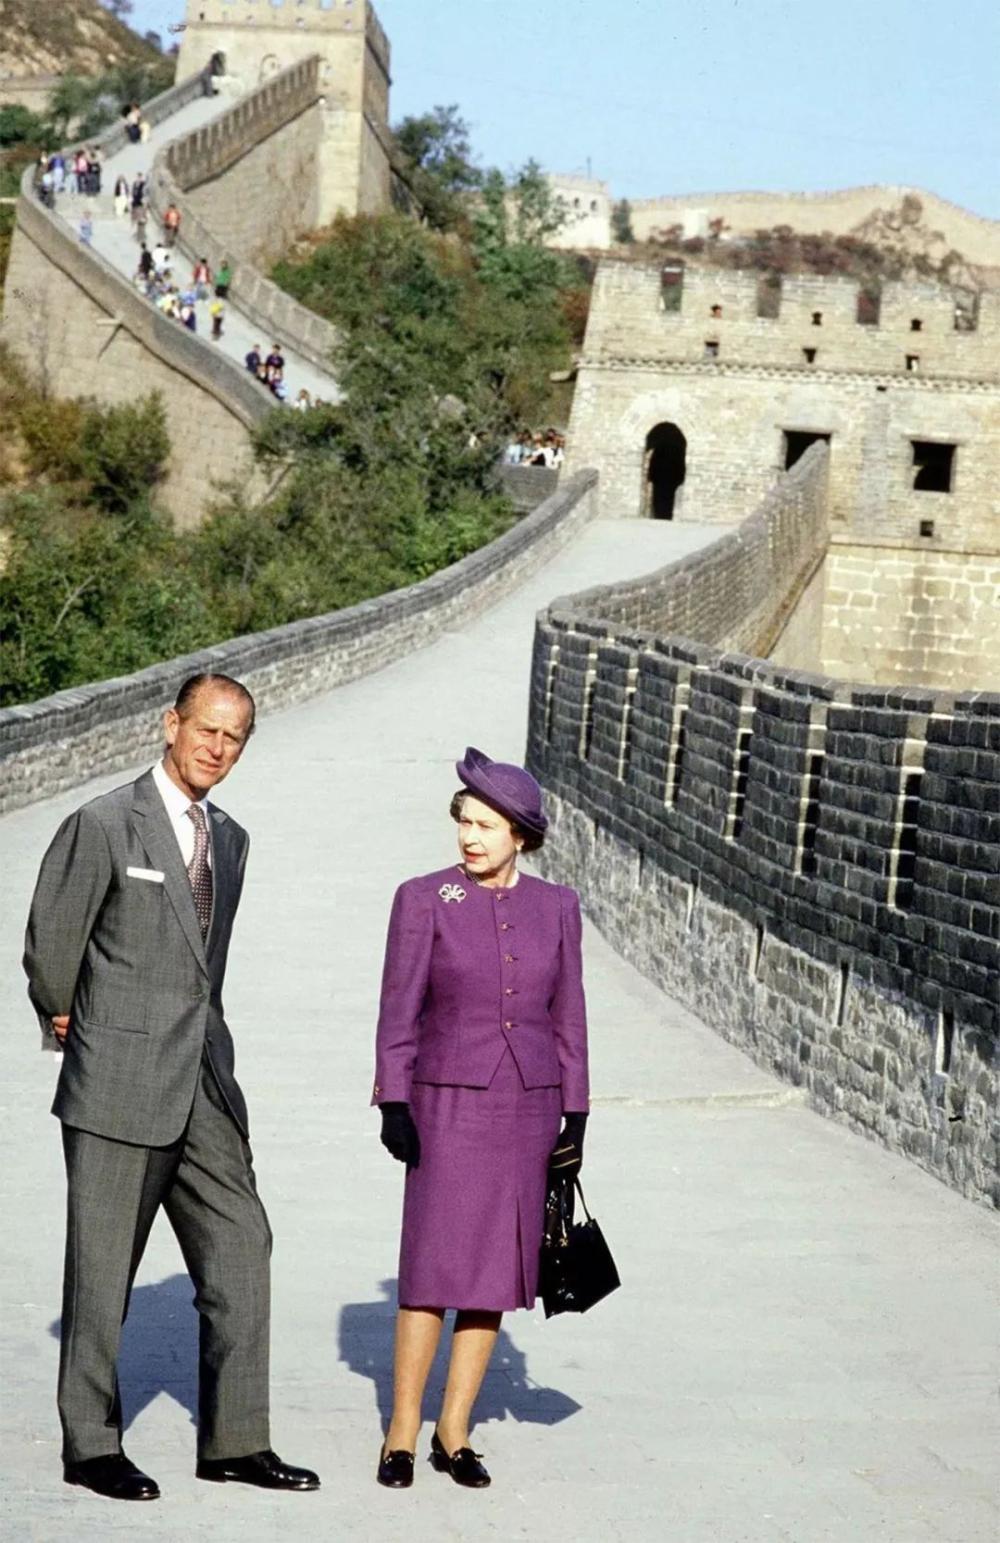 英女王32年前坐在中国三轮车上, 开心整理袖口, 笑容可爱引起围观